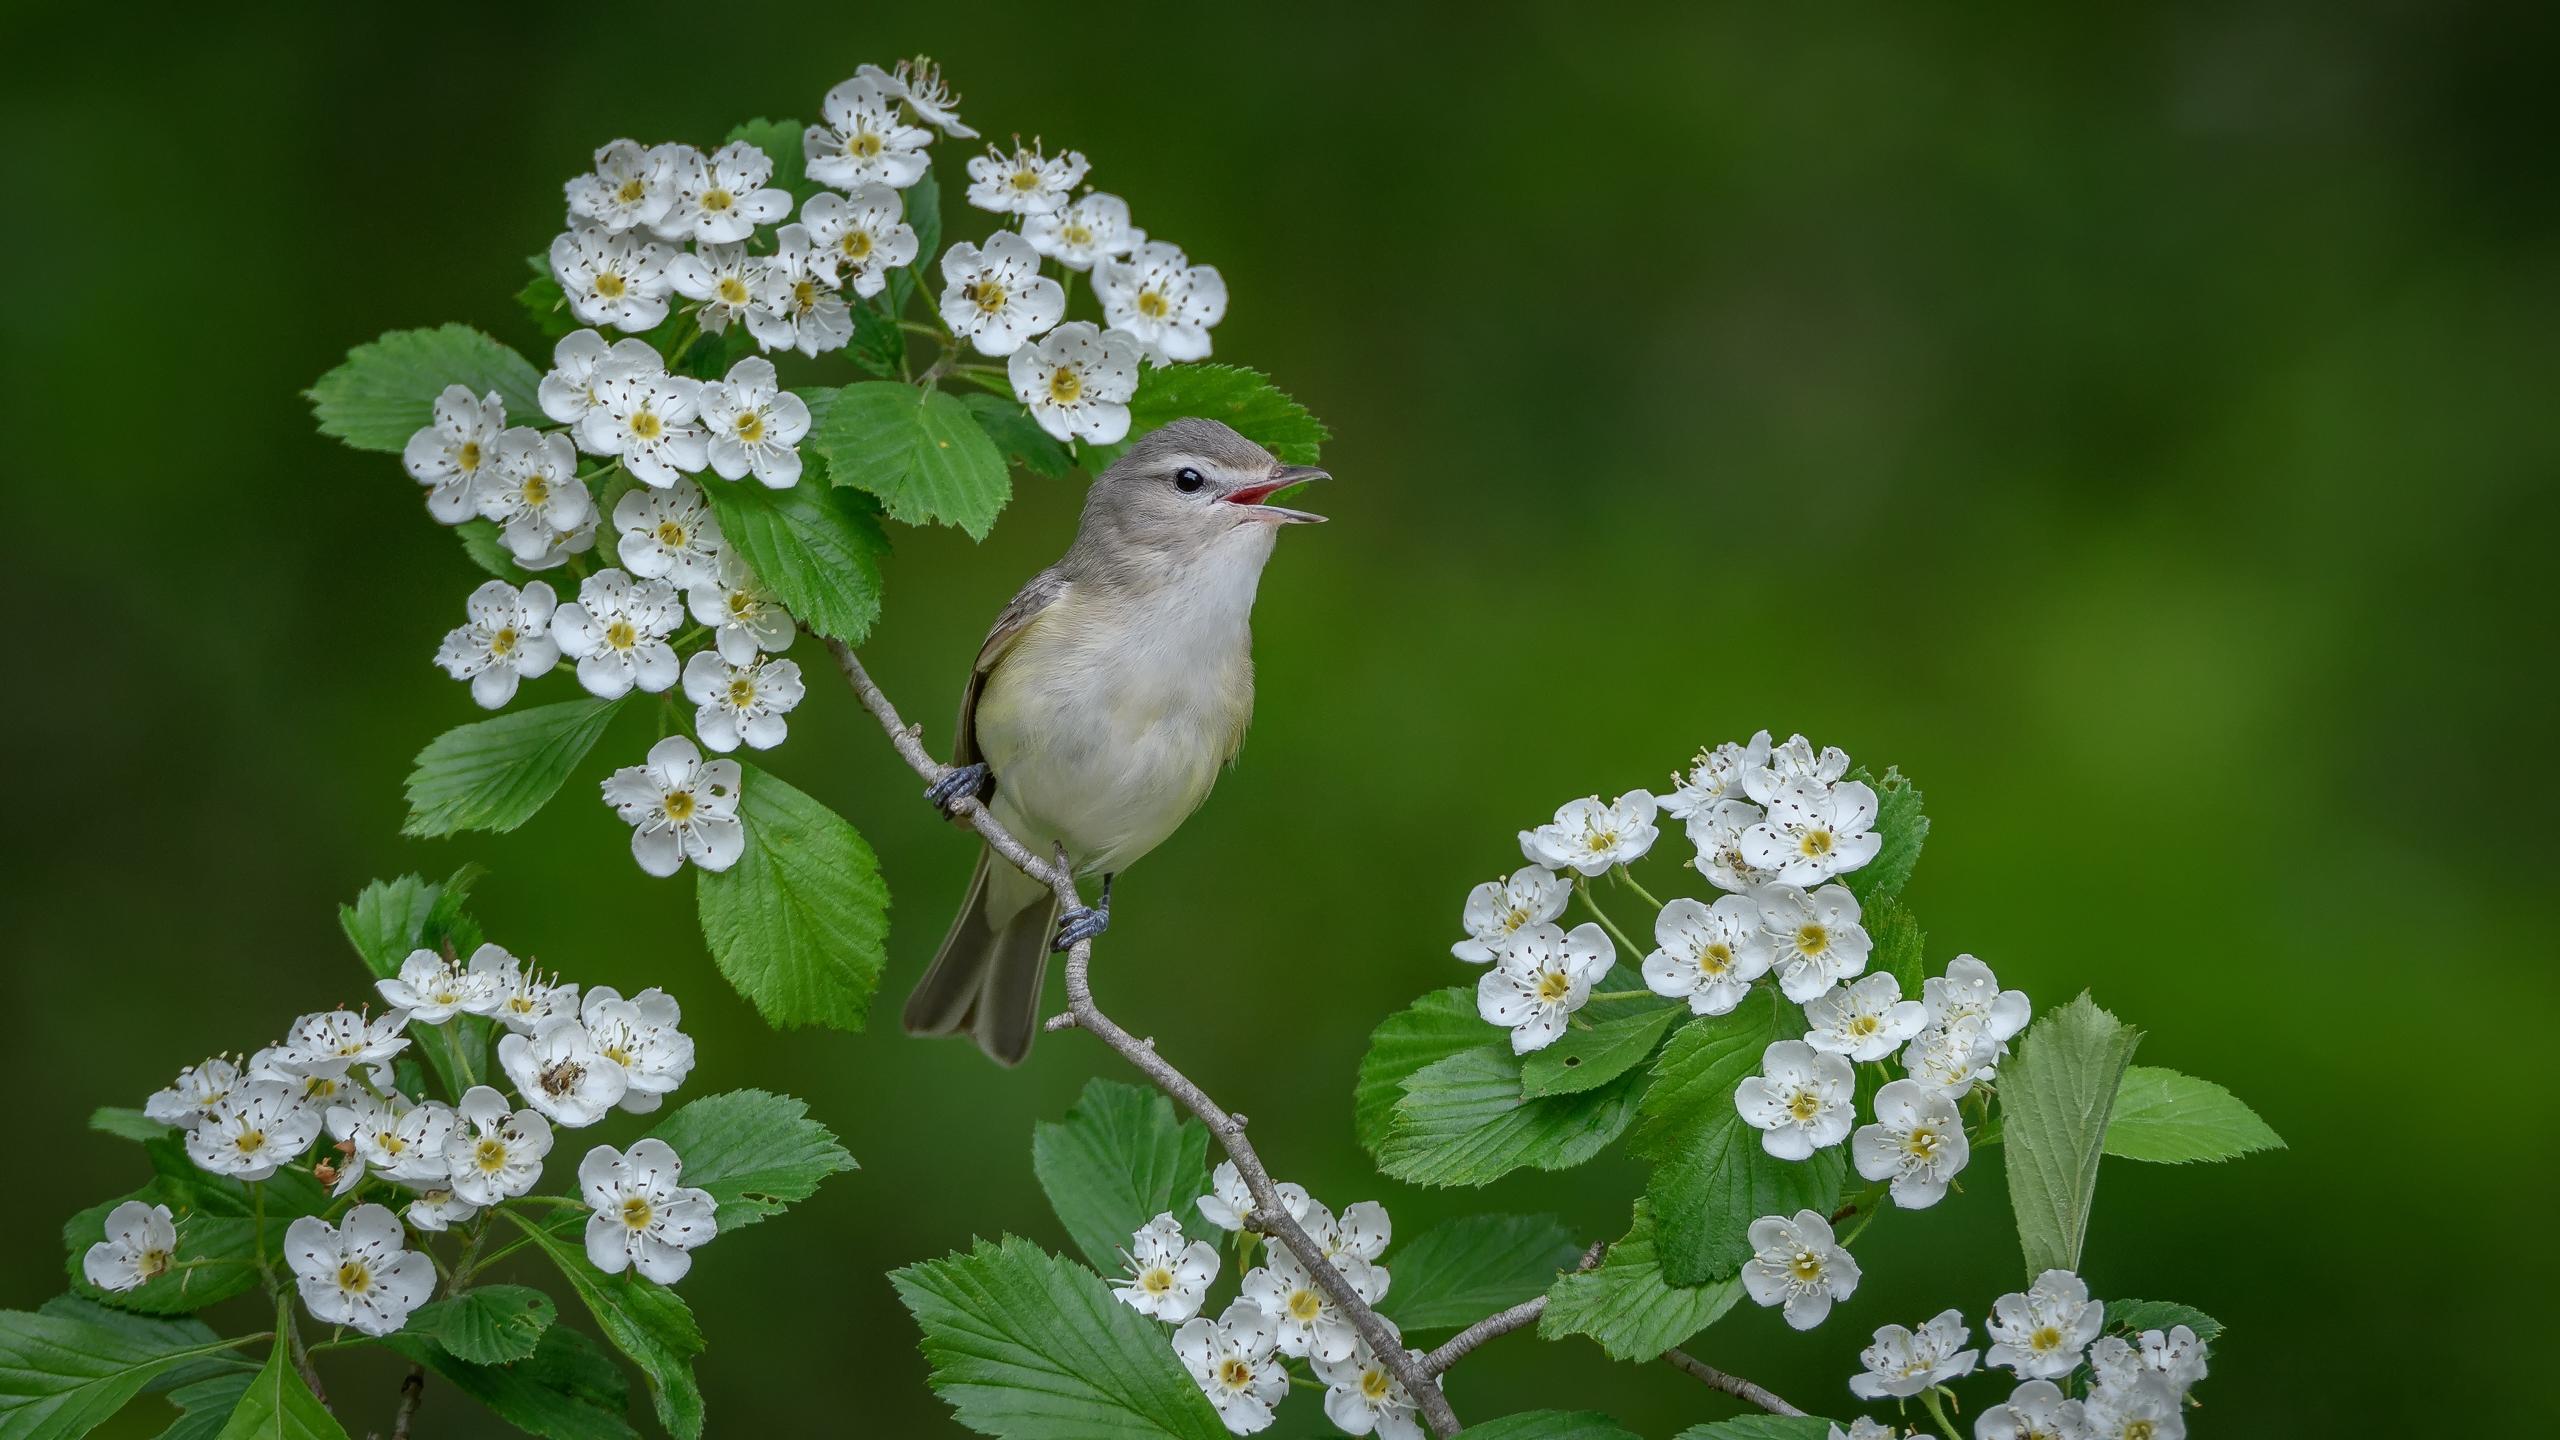 Обои поющий виреон, птица, птица на ветке, цветы